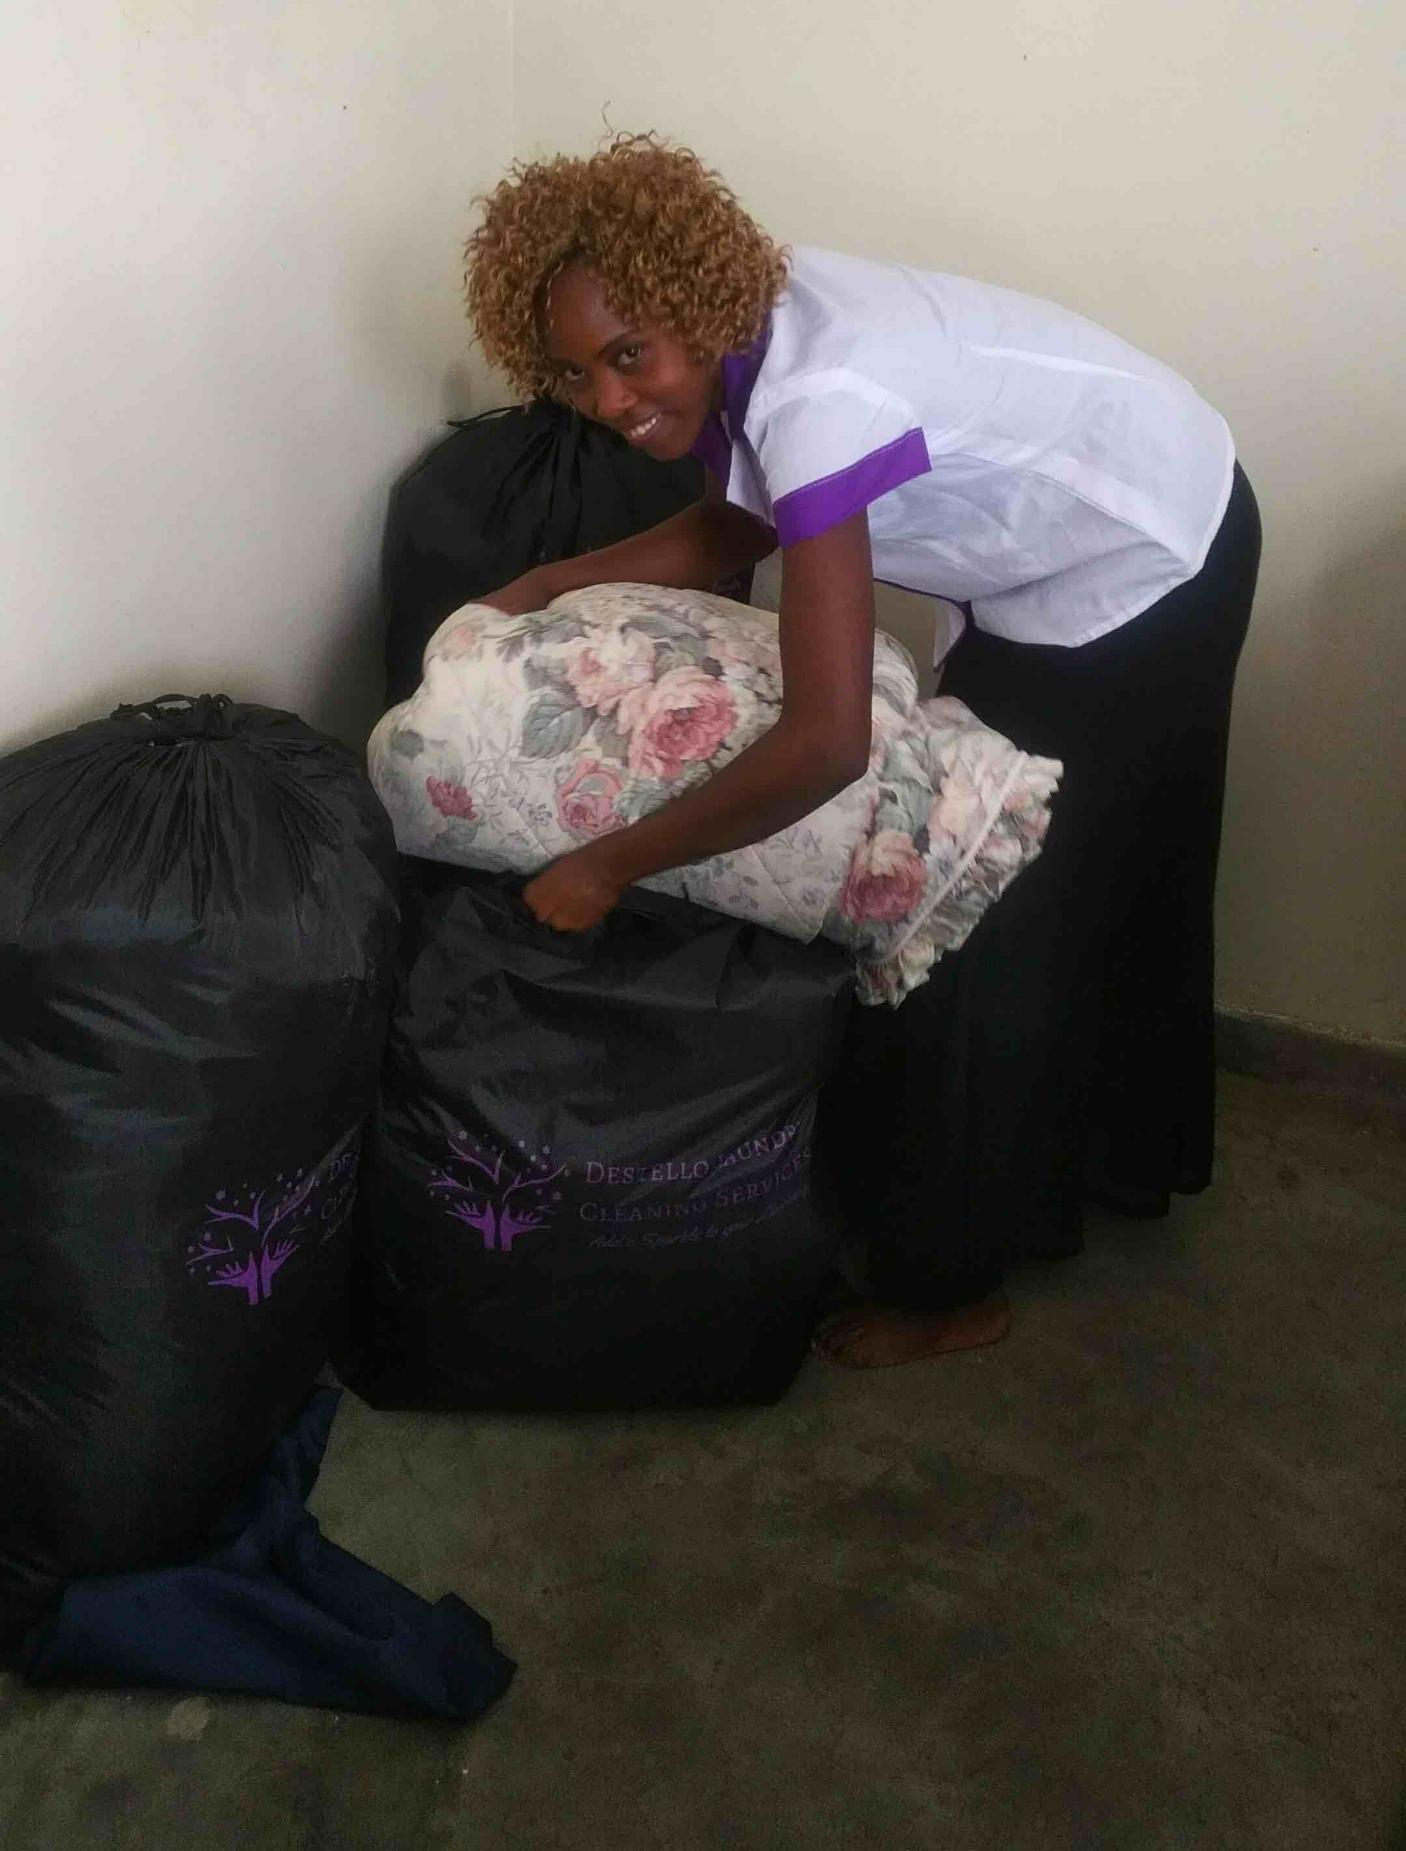 Sarah-Destello Laundry packing a clean duvet.jpg